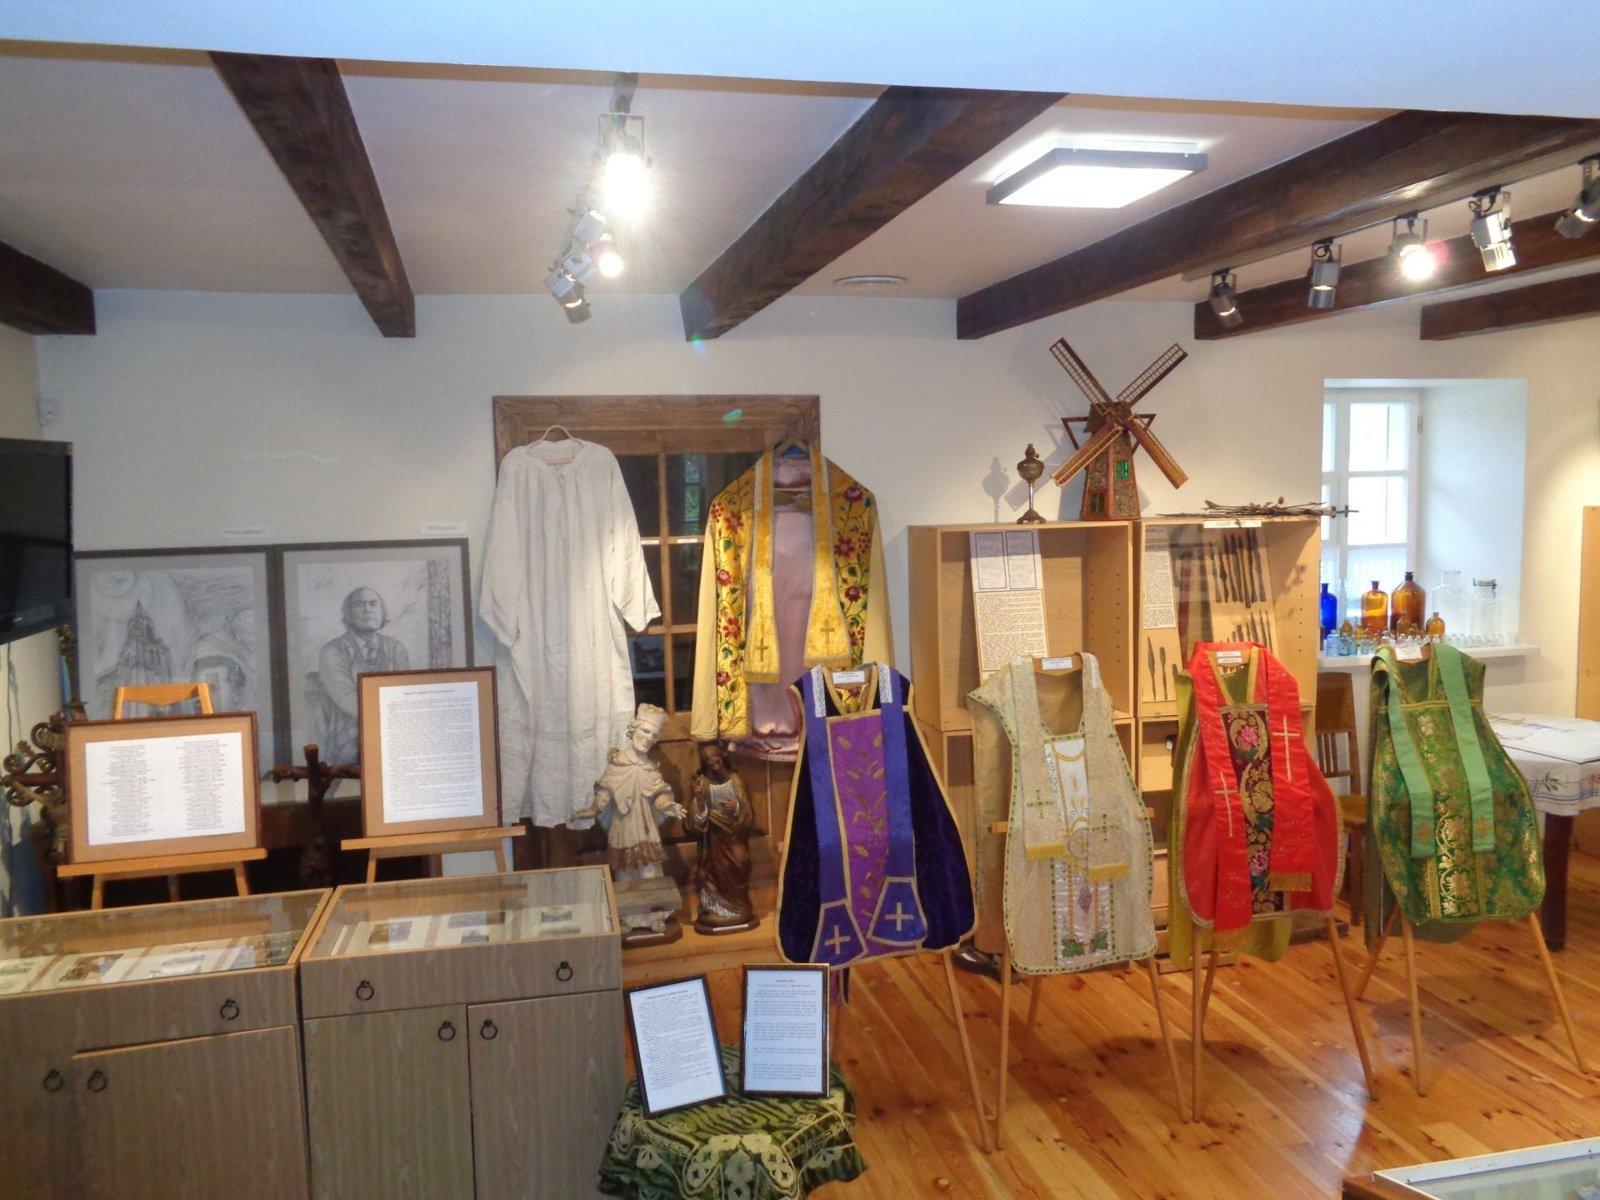 """Pakruojo karšto muziejuje """"Žiemgala"""" Žeimelio katalikų bažnyčios istorija ir liturginiai rūbai"""